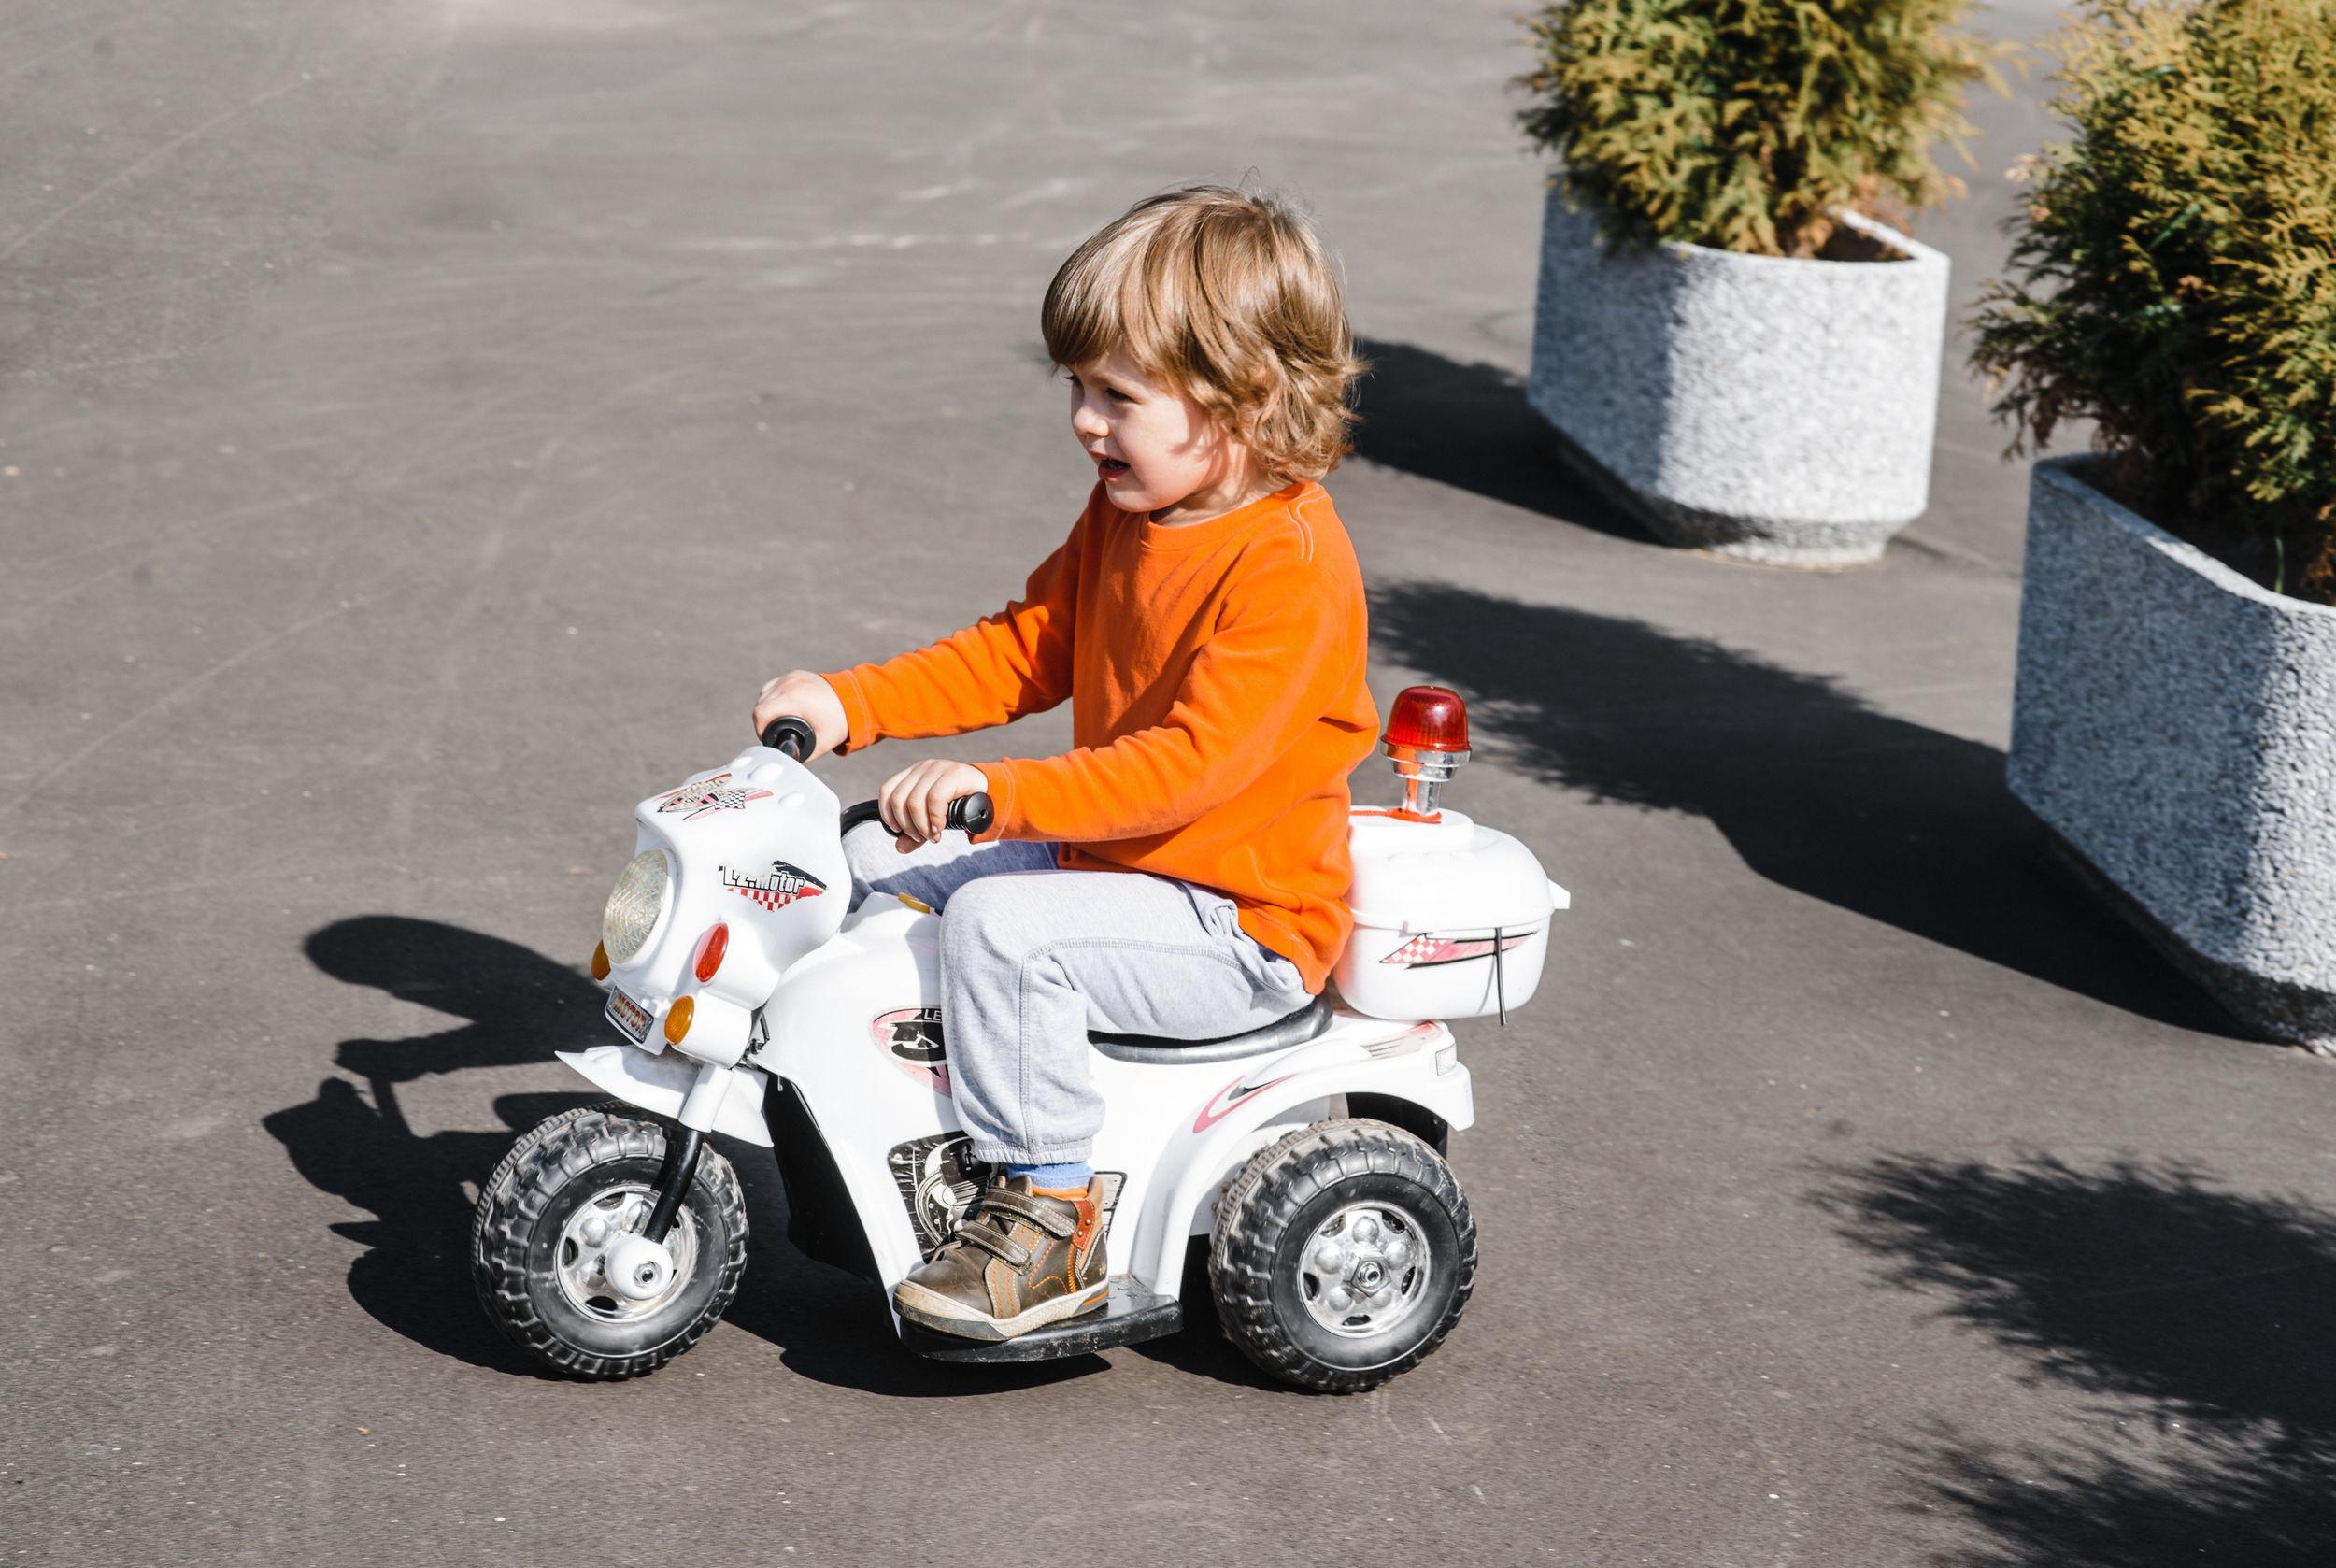 Criança sobre uma mini moto.